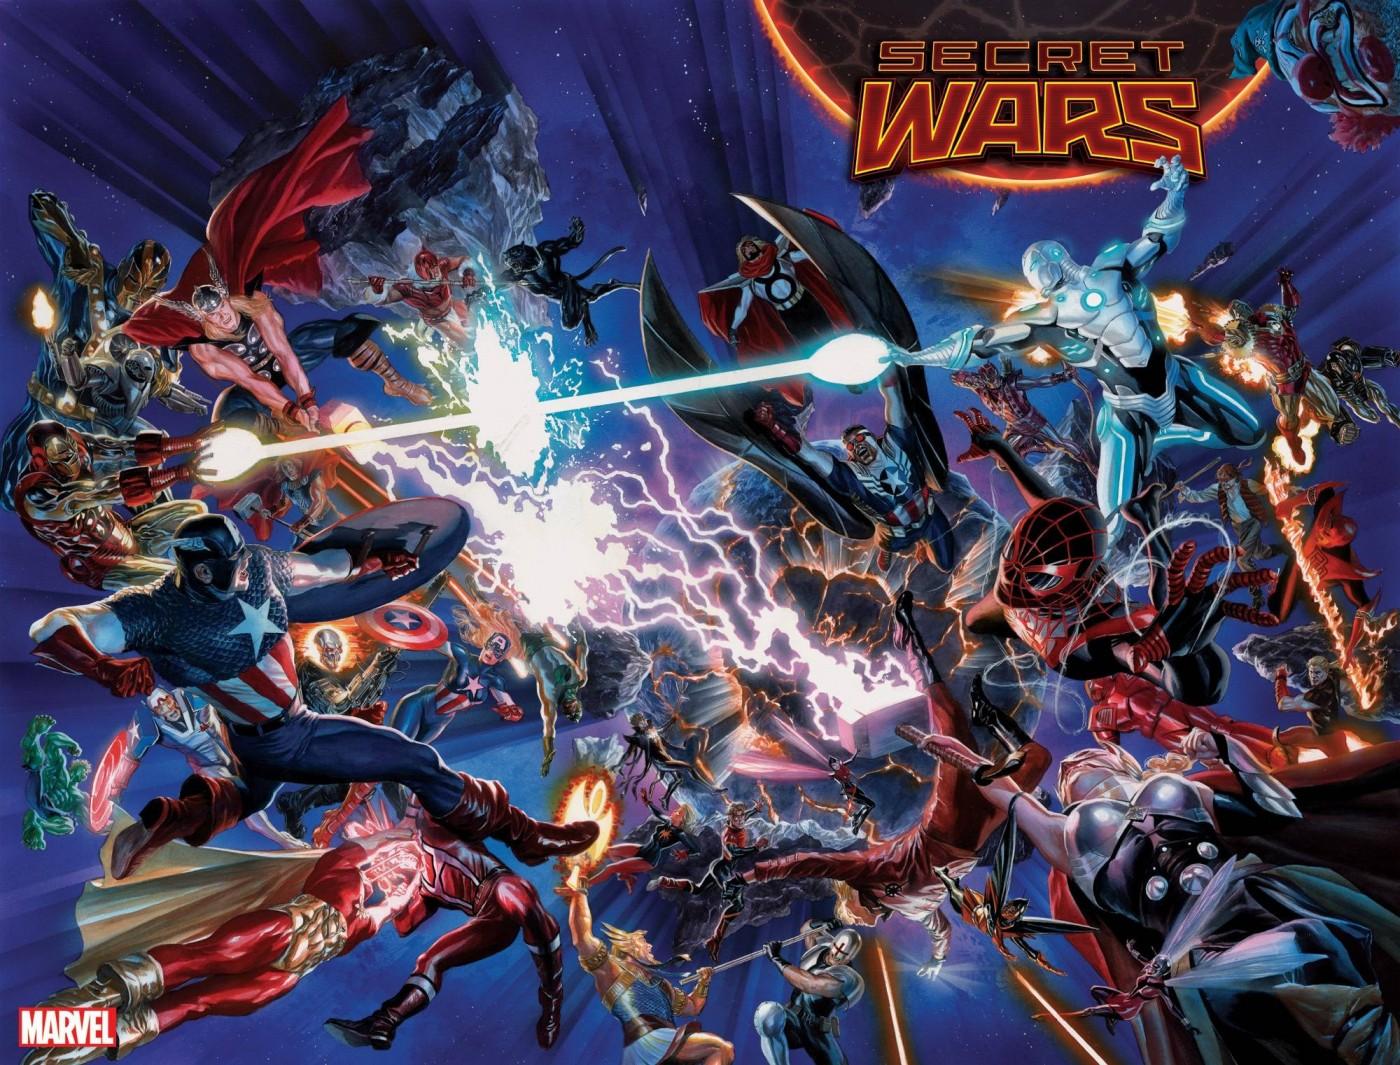 As novas Guerras Secretas da Marvel e o futuro dos Vingadores no cinema